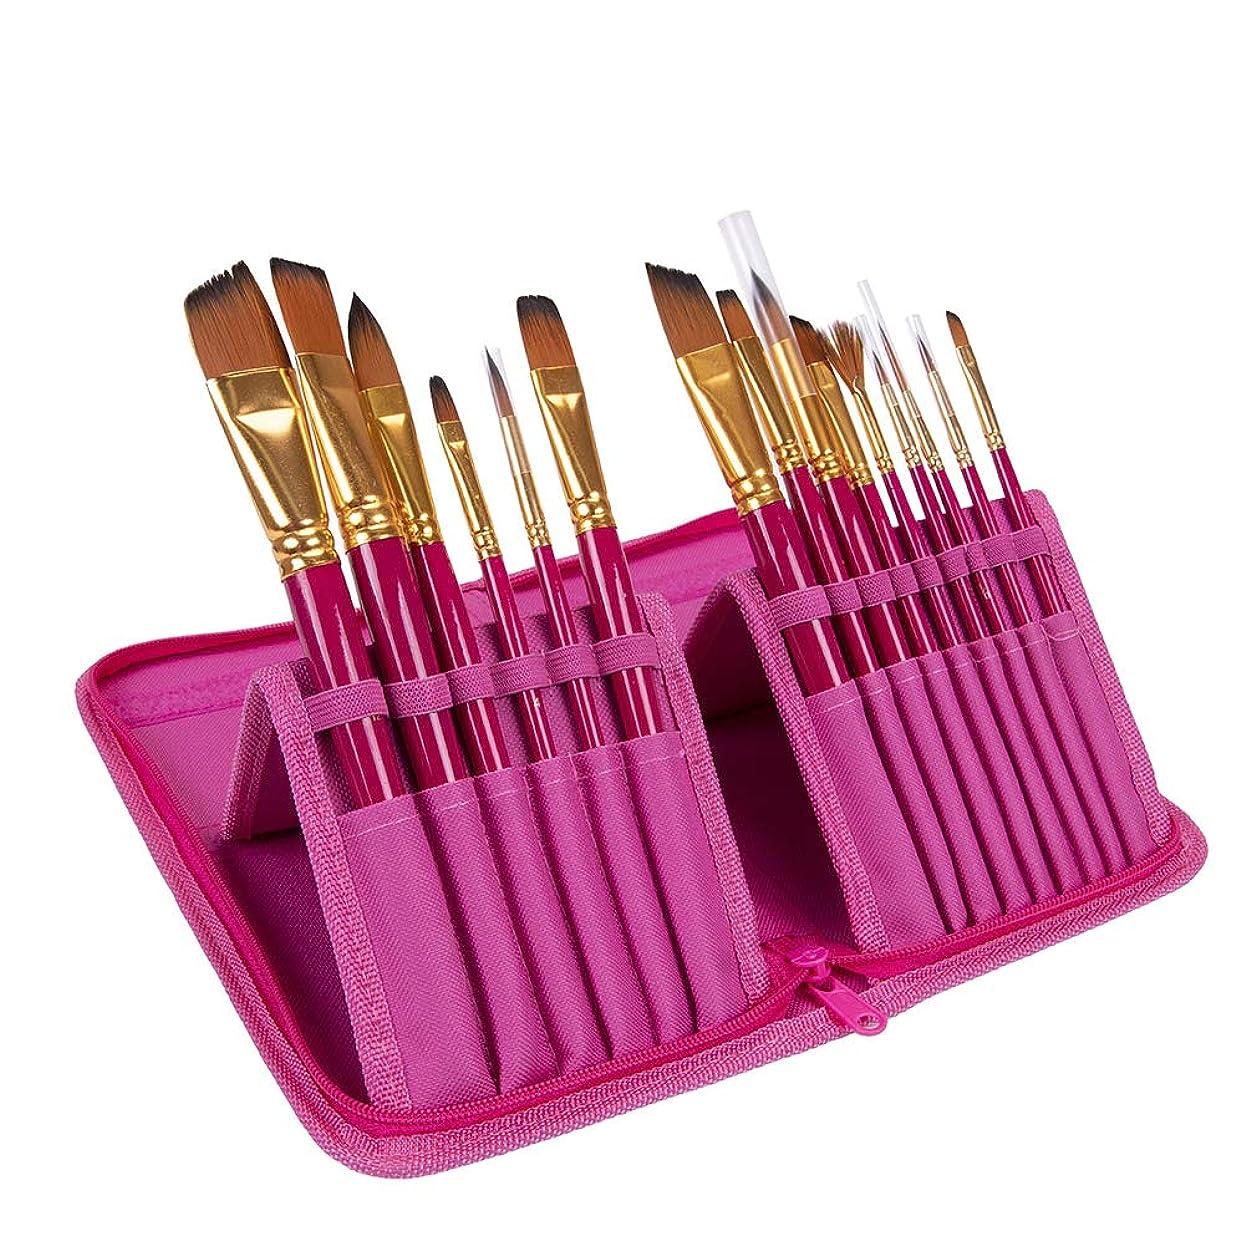 夢中たとえプレーヤーBEESCLOVER 絵筆セット 15本 水彩ブラシオイル アクリル絵画 ナイロン毛 木製ハンドルブラシ キャンバスバッグ付き ピンク